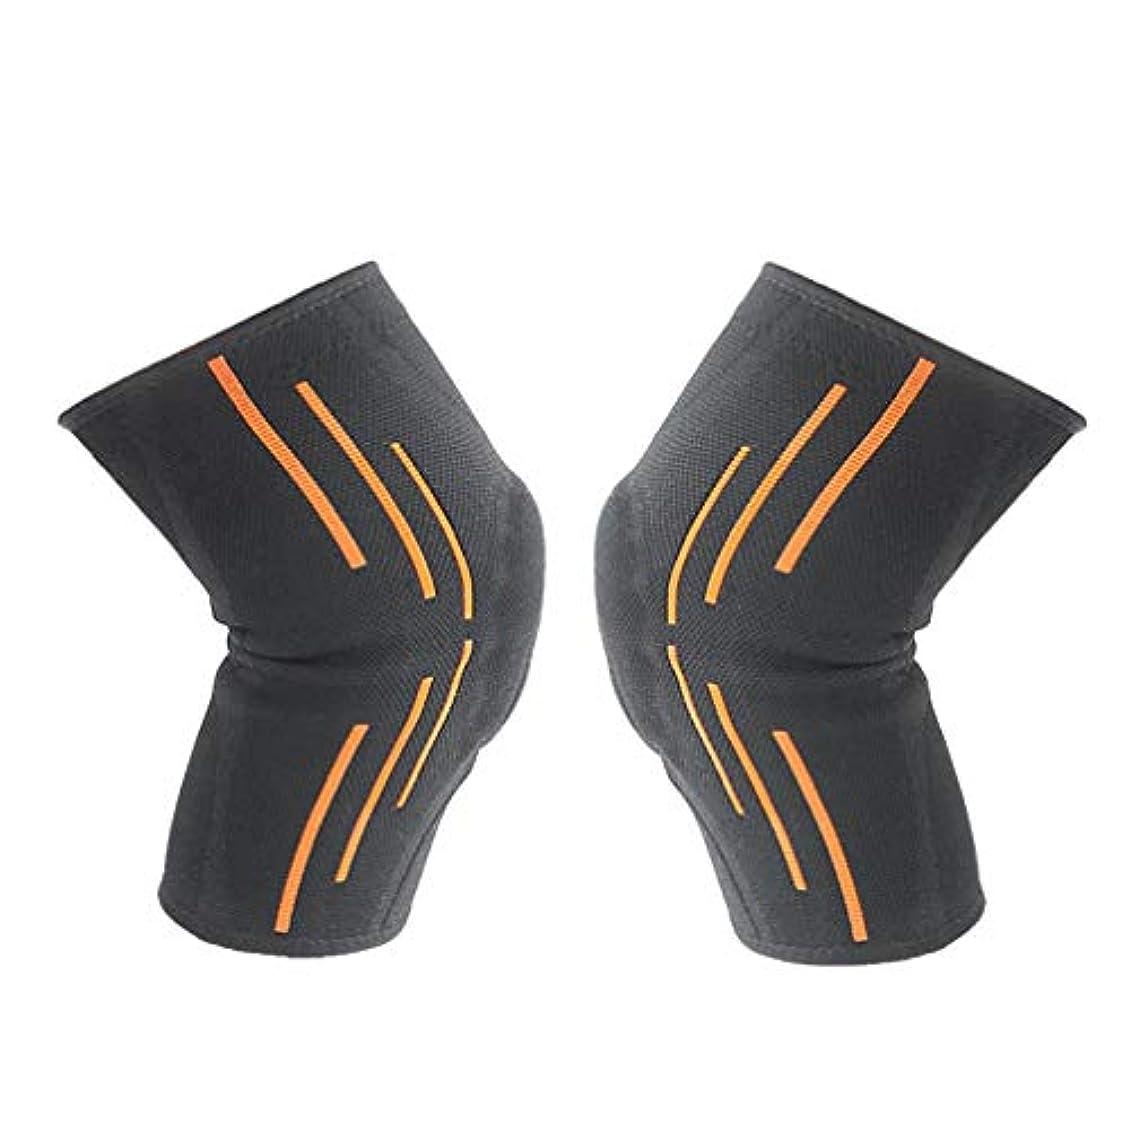 区ヒロイン設計柔らかい滑り止めのシリコーンの男性の女性の大人の膝パッドはバスケボールを防ぎます-Rustle666